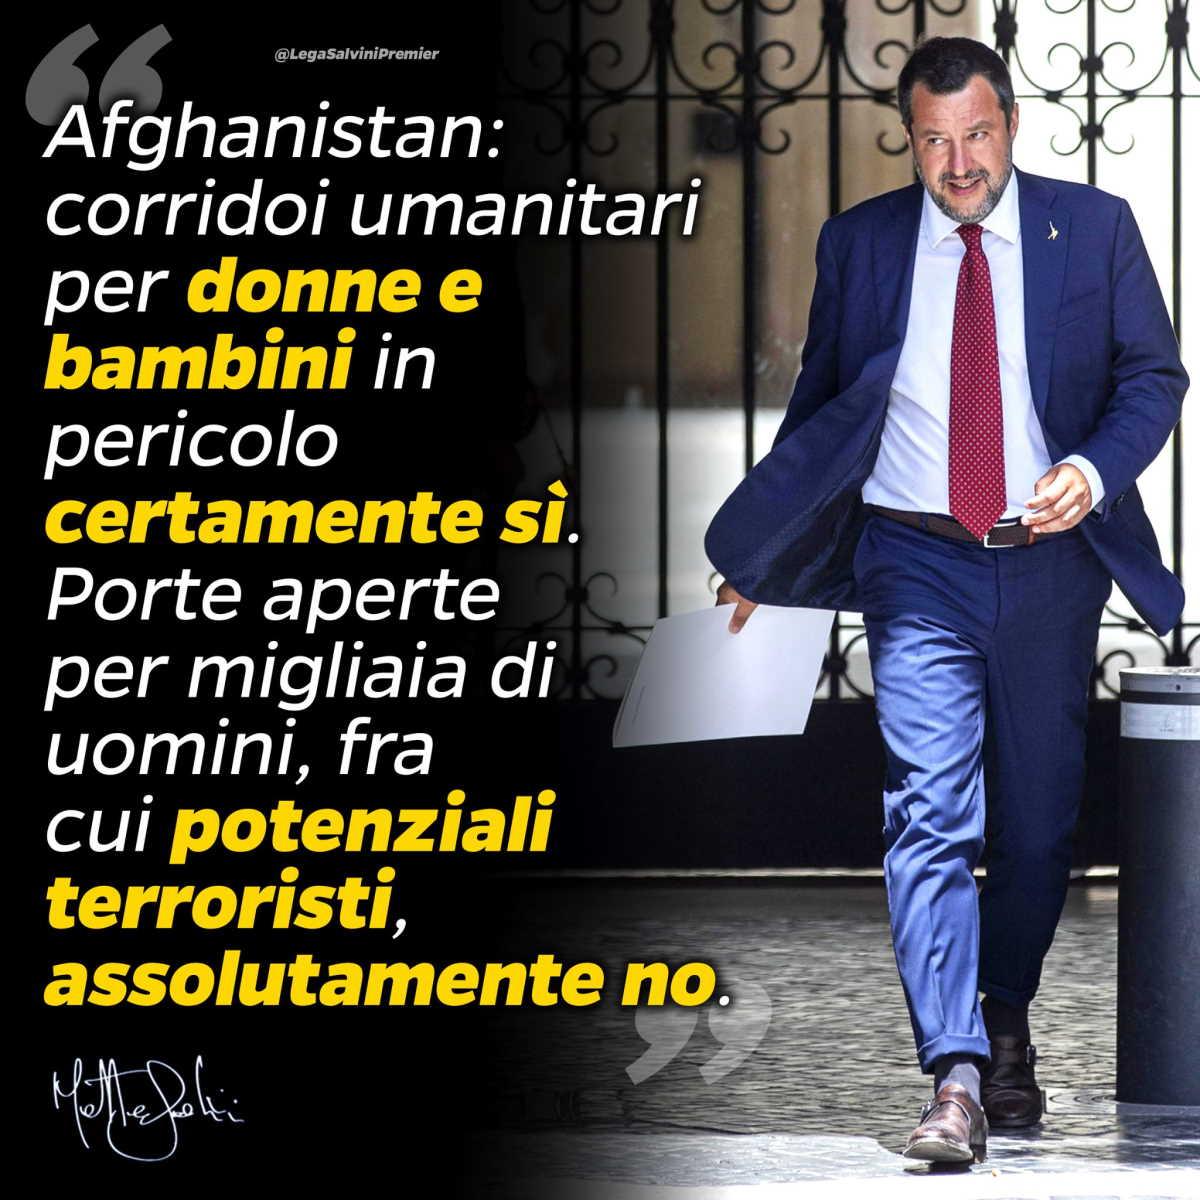 Il soccorso umanitario da offrire al popolo afgano secondo Meloni e Salvini